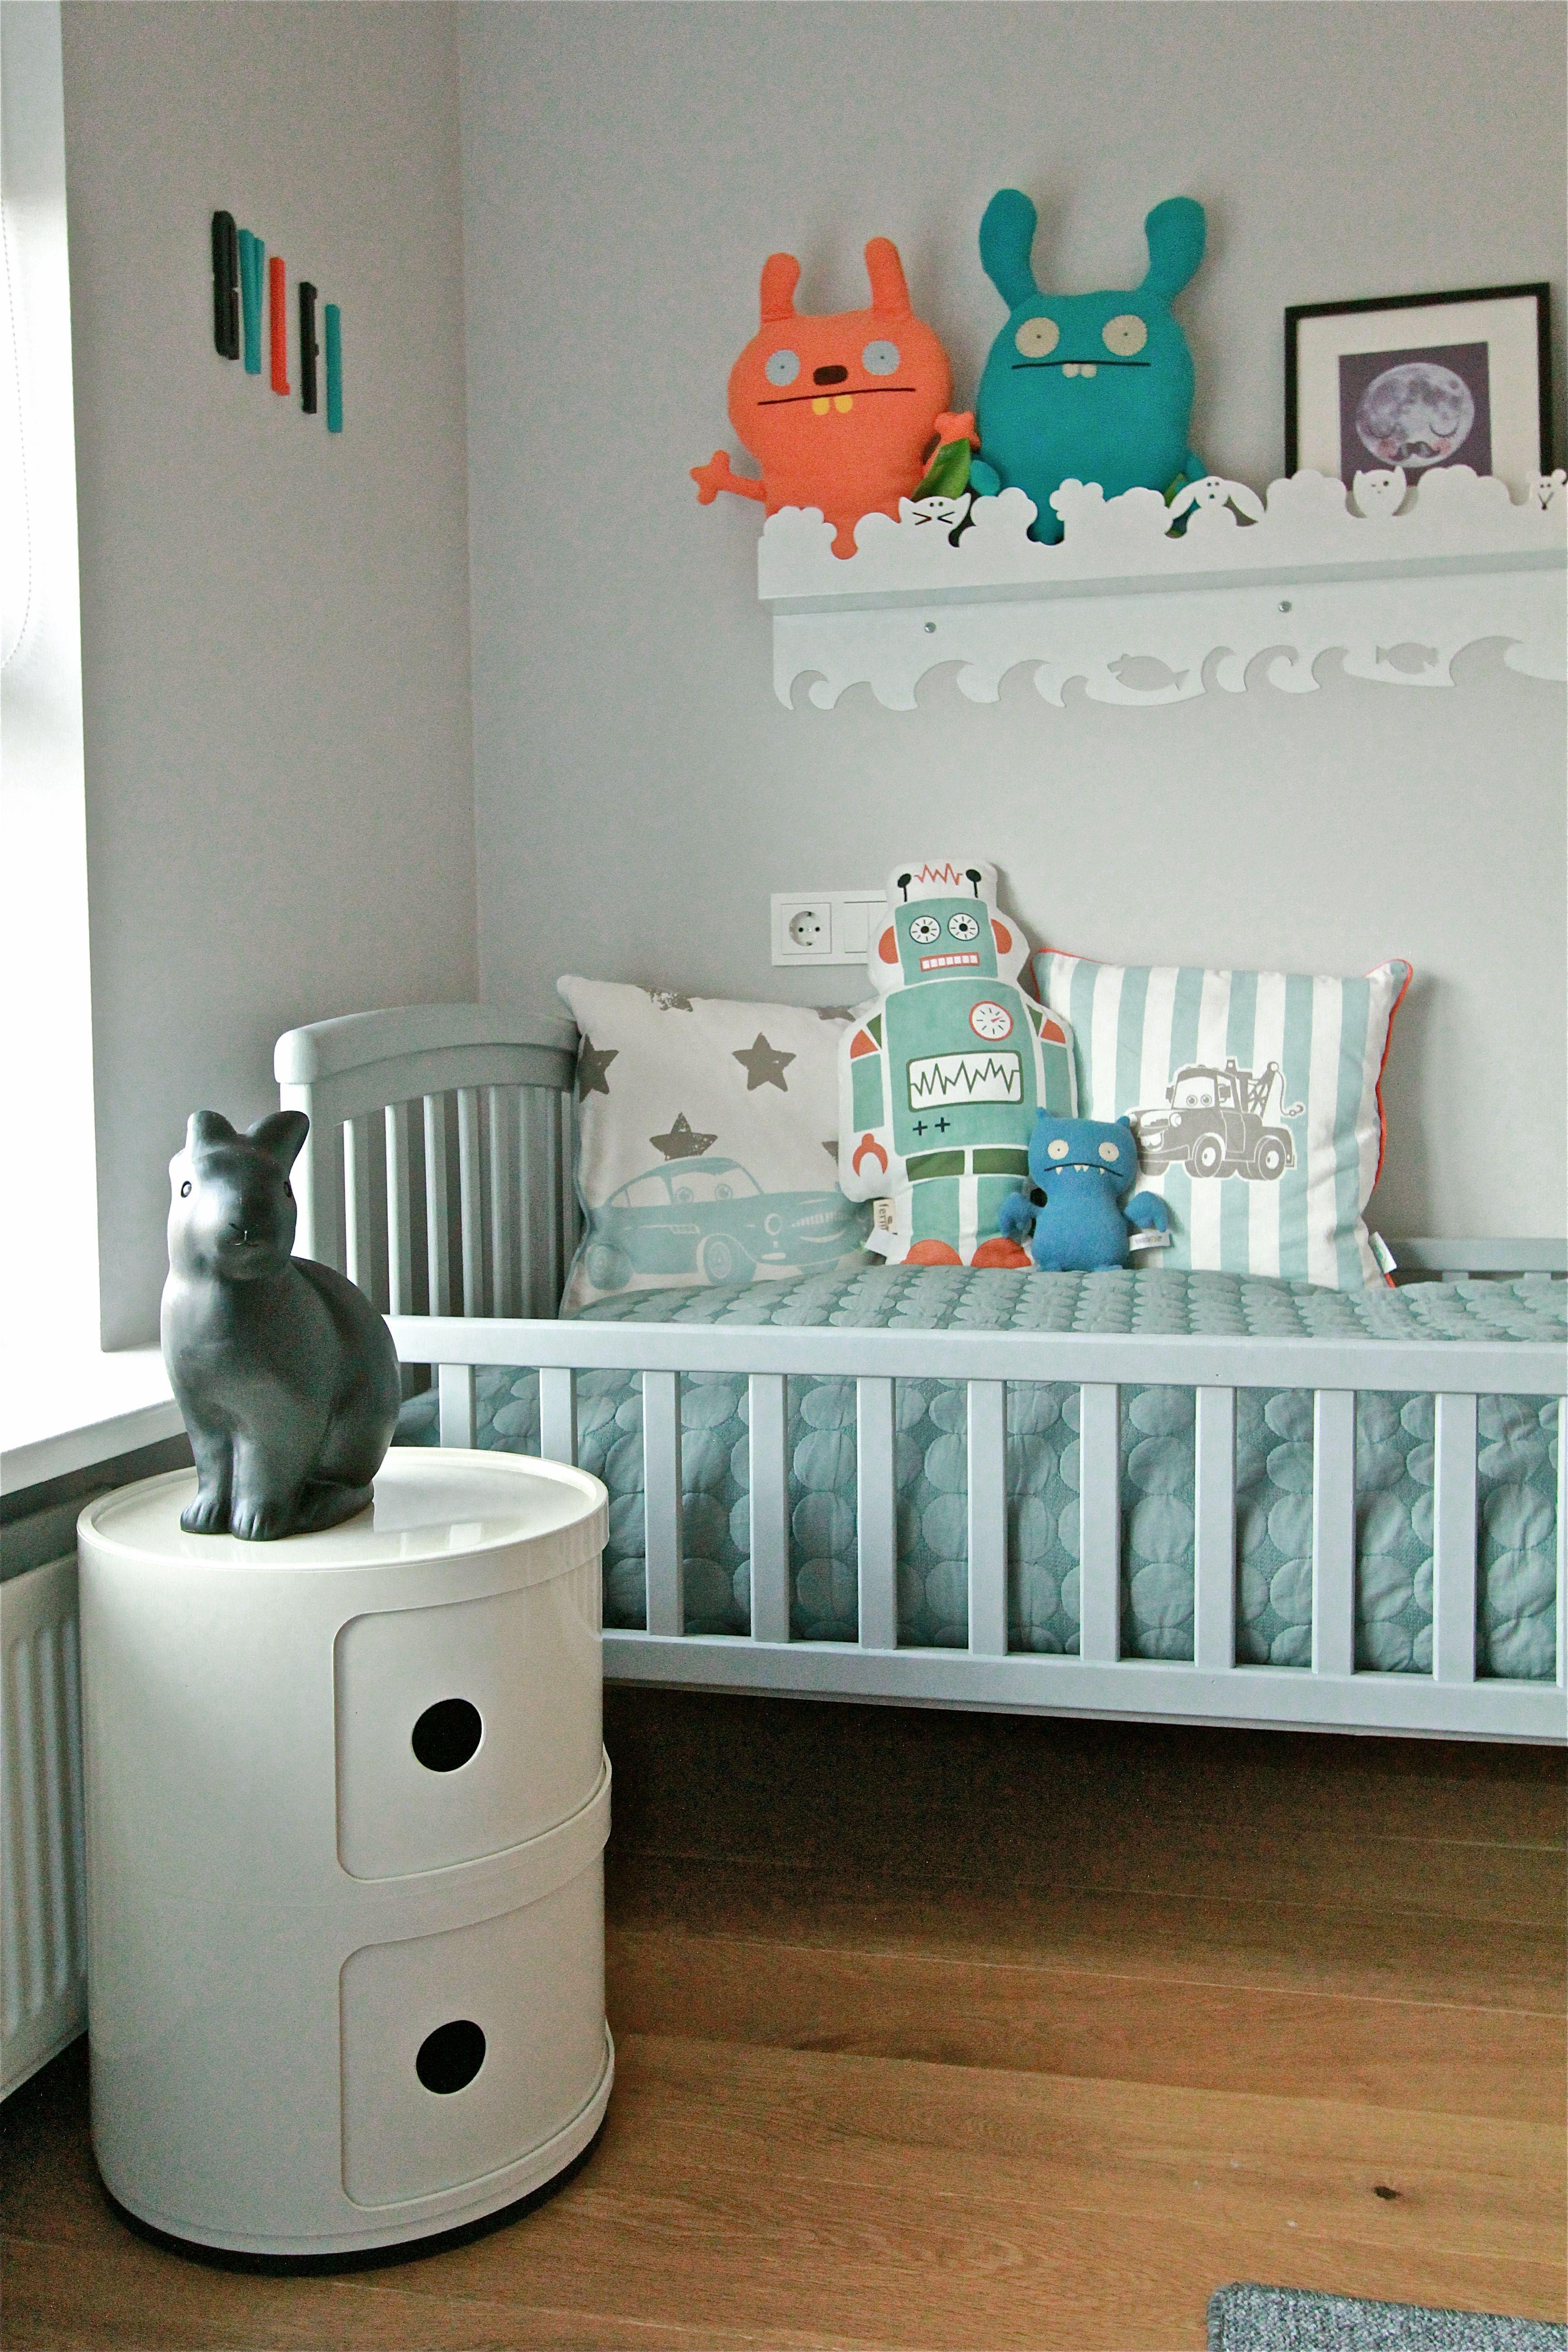 Module de rangement Componibili dans une chambre d'enfant garçon